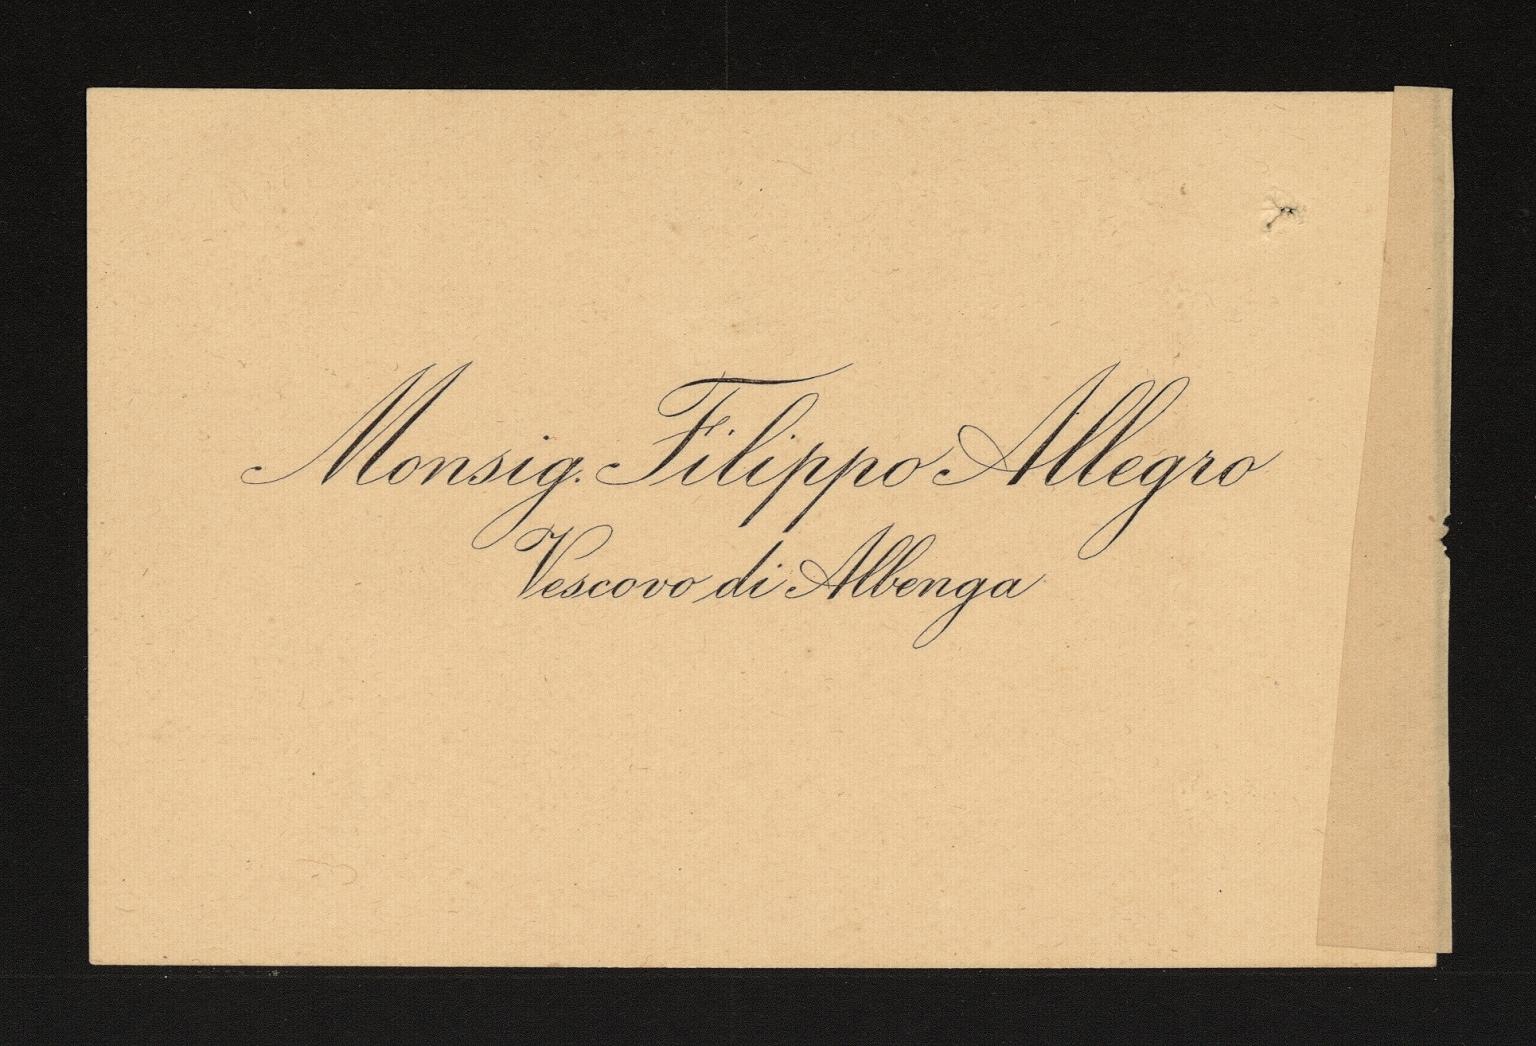 Biglietto Mons. Filippo Allegro v